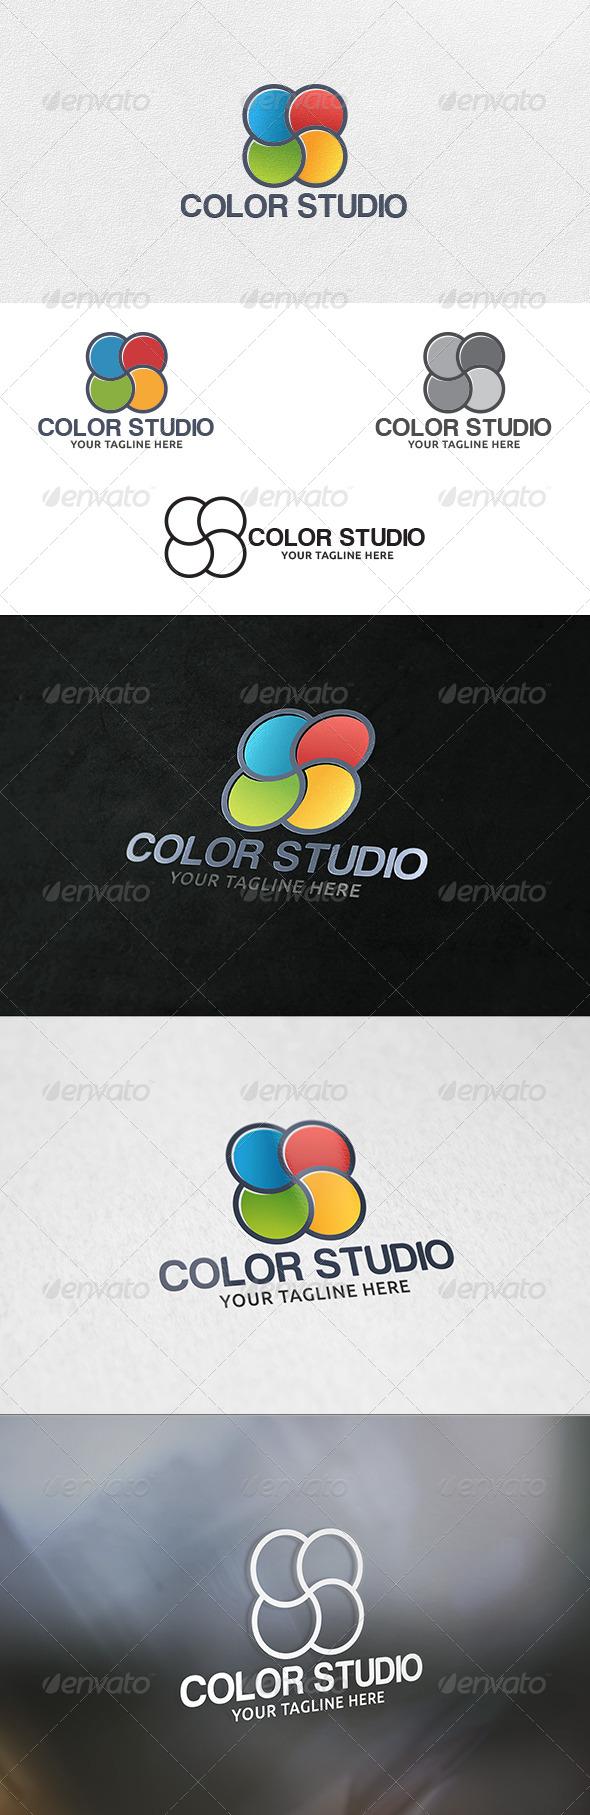 GraphicRiver Color Studio Logo Template 6277043